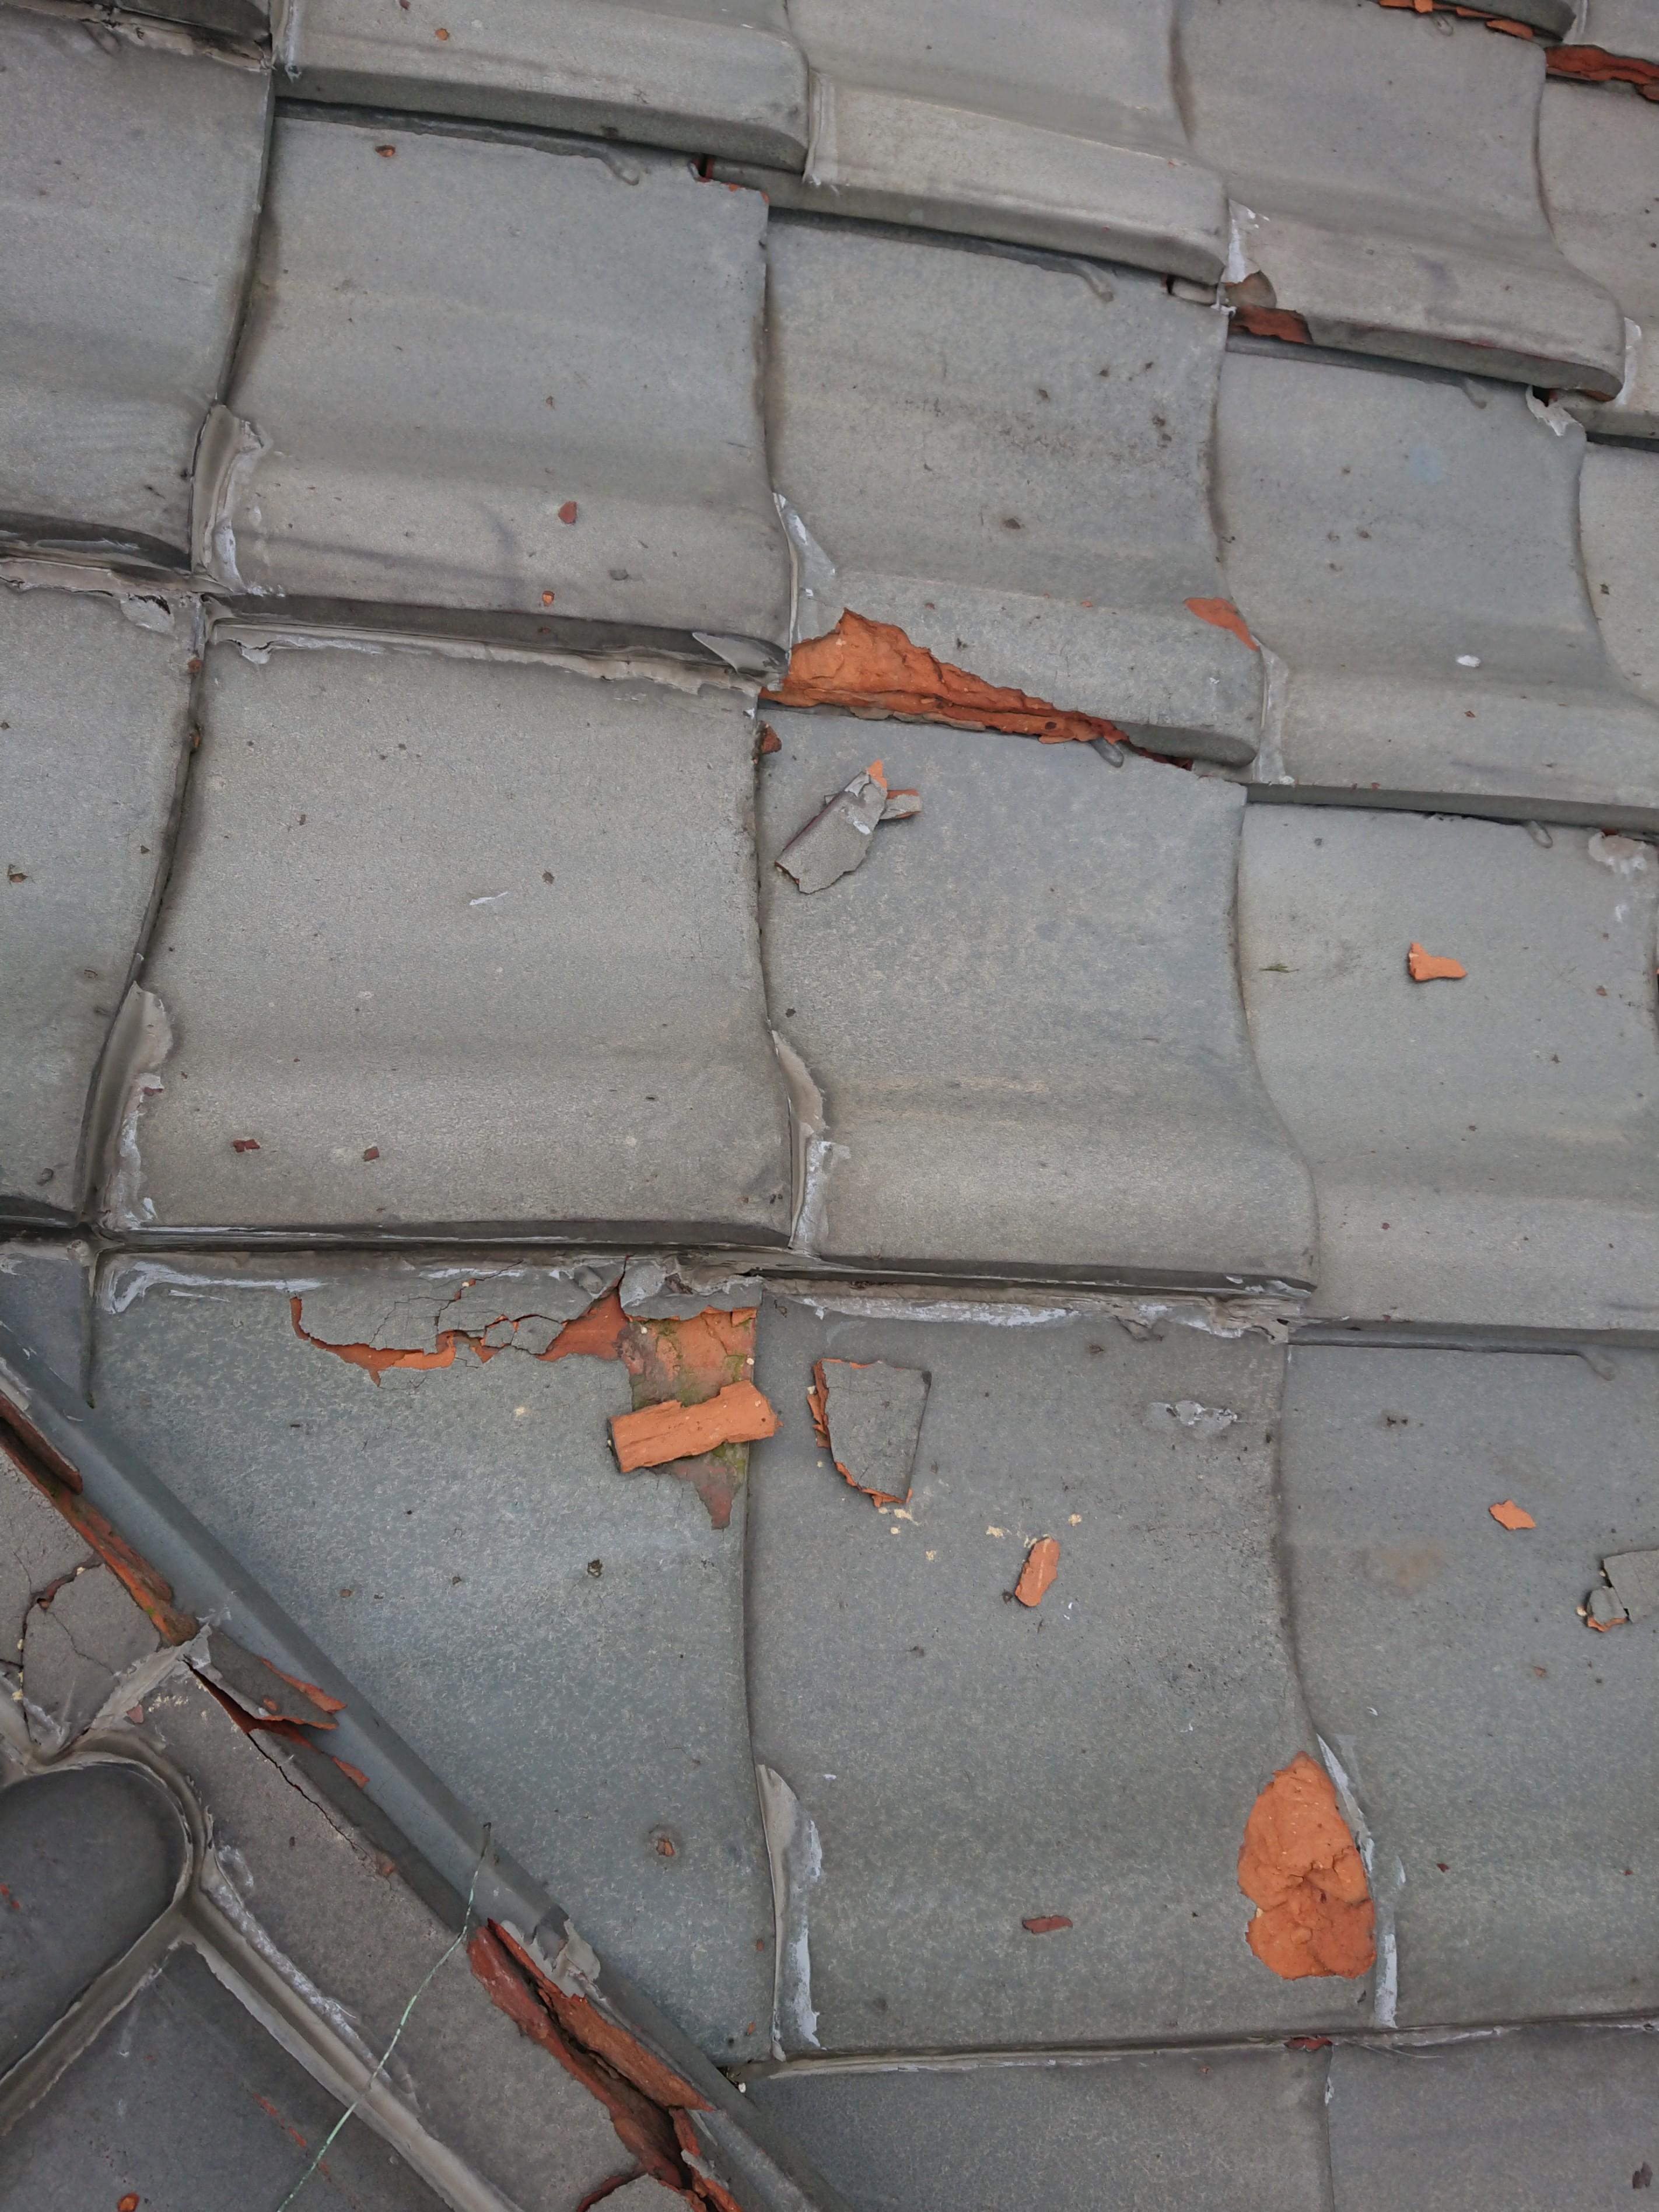 太子町 漆喰が取れている?いいえ瓦が割れているのです。